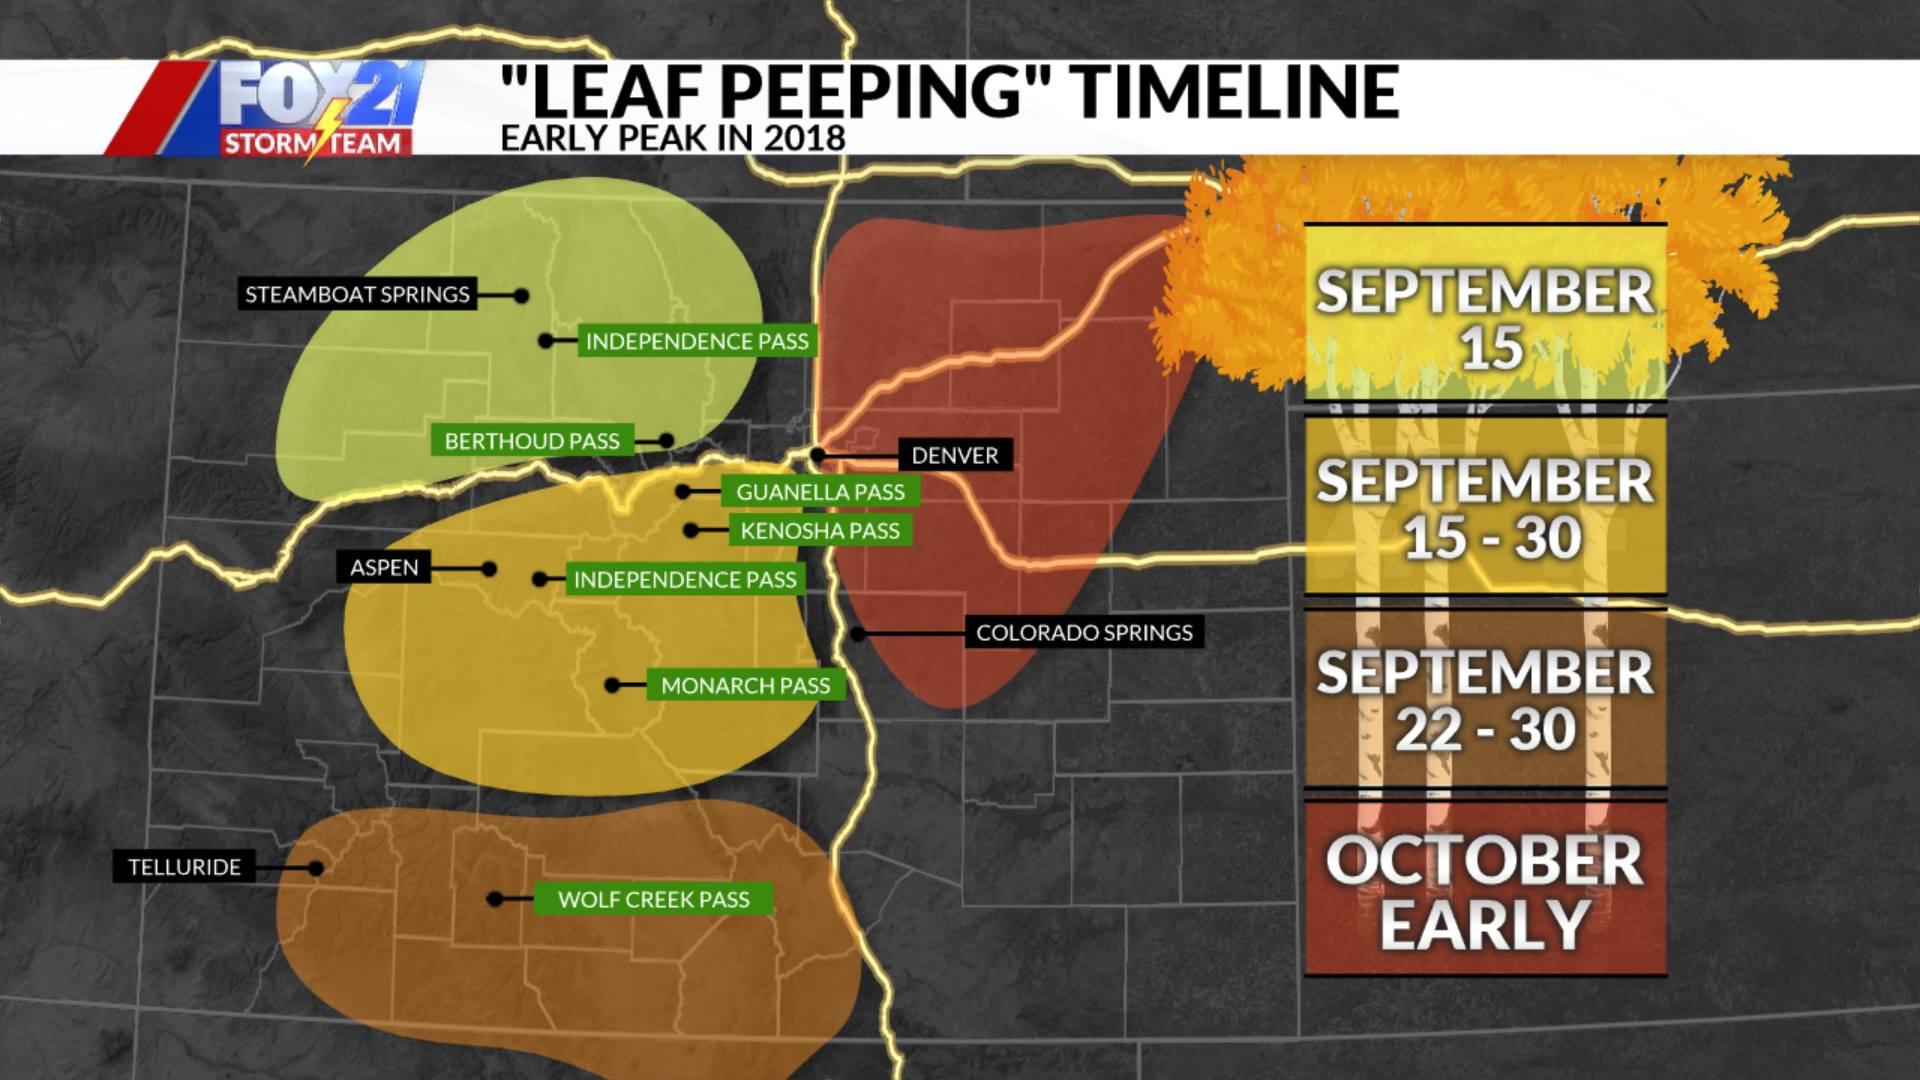 Leaf Peeing Timeline 2018